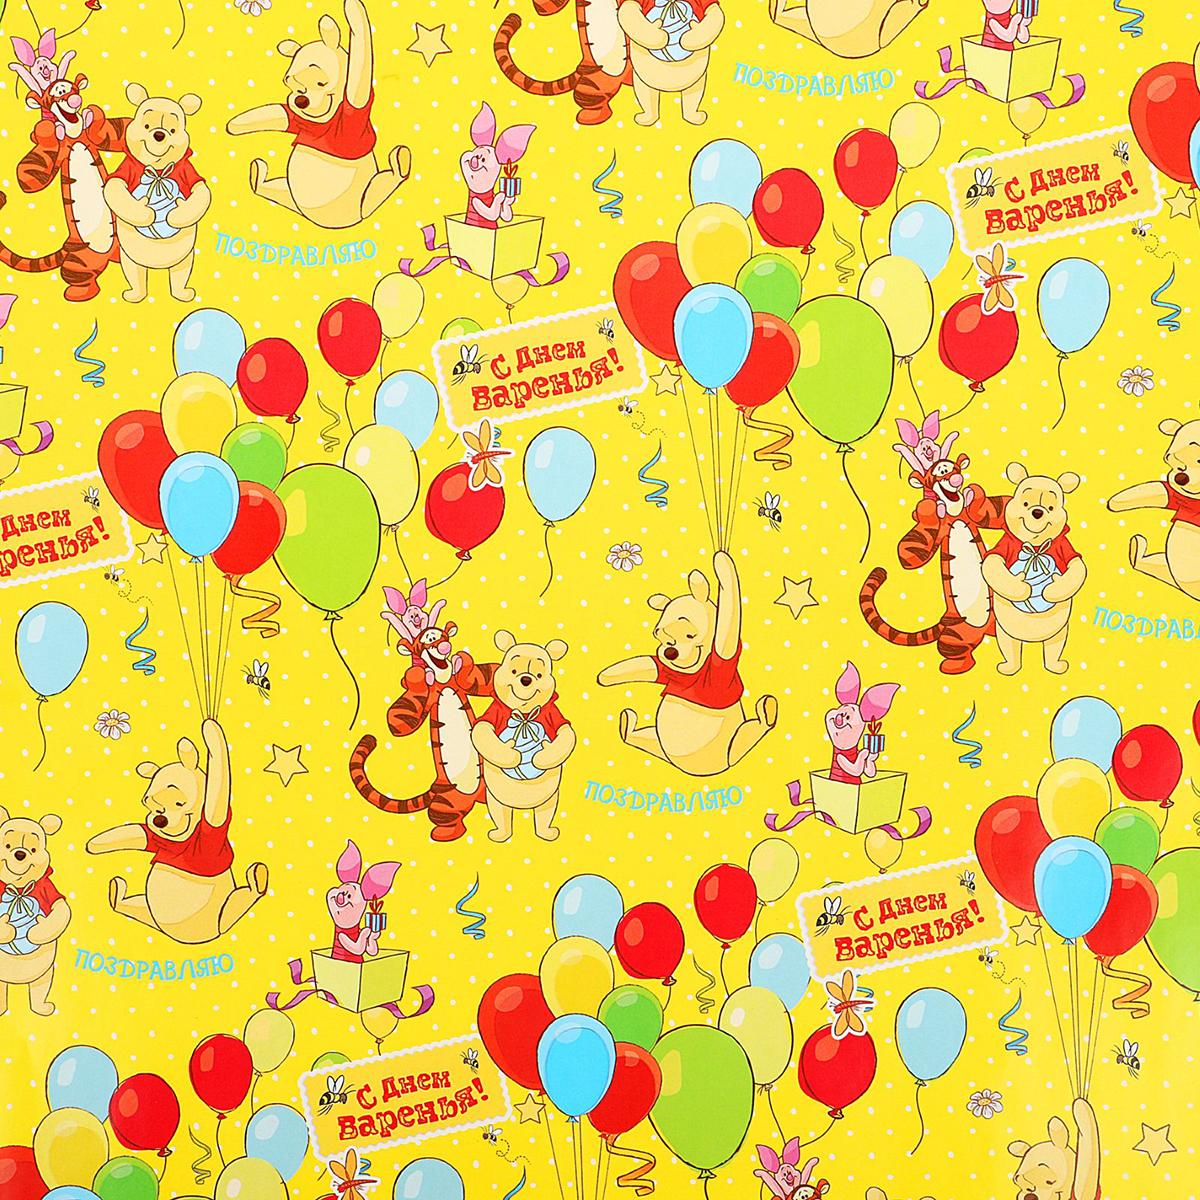 Бумага упаковочная Disney День варенья Винни и его друзья, глянцевая, 70 х 100 см. 13020021302002Удивительный мир Disney теперь совсем близко! Любимые герои и сюжеты в эксклюзивном дизайне нашей собственной разработки превращают любое изделие в современное произведение искусства с голливудским характером. Подарочная глянцевая бумага отличается высоким качеством печати и плотностью материала, что делает её удобной в вопросе оформления подарков. Такая упаковка всегда будет актуальна, ведь мультфильмы Disney, как вино, с годами становятся только лучше.